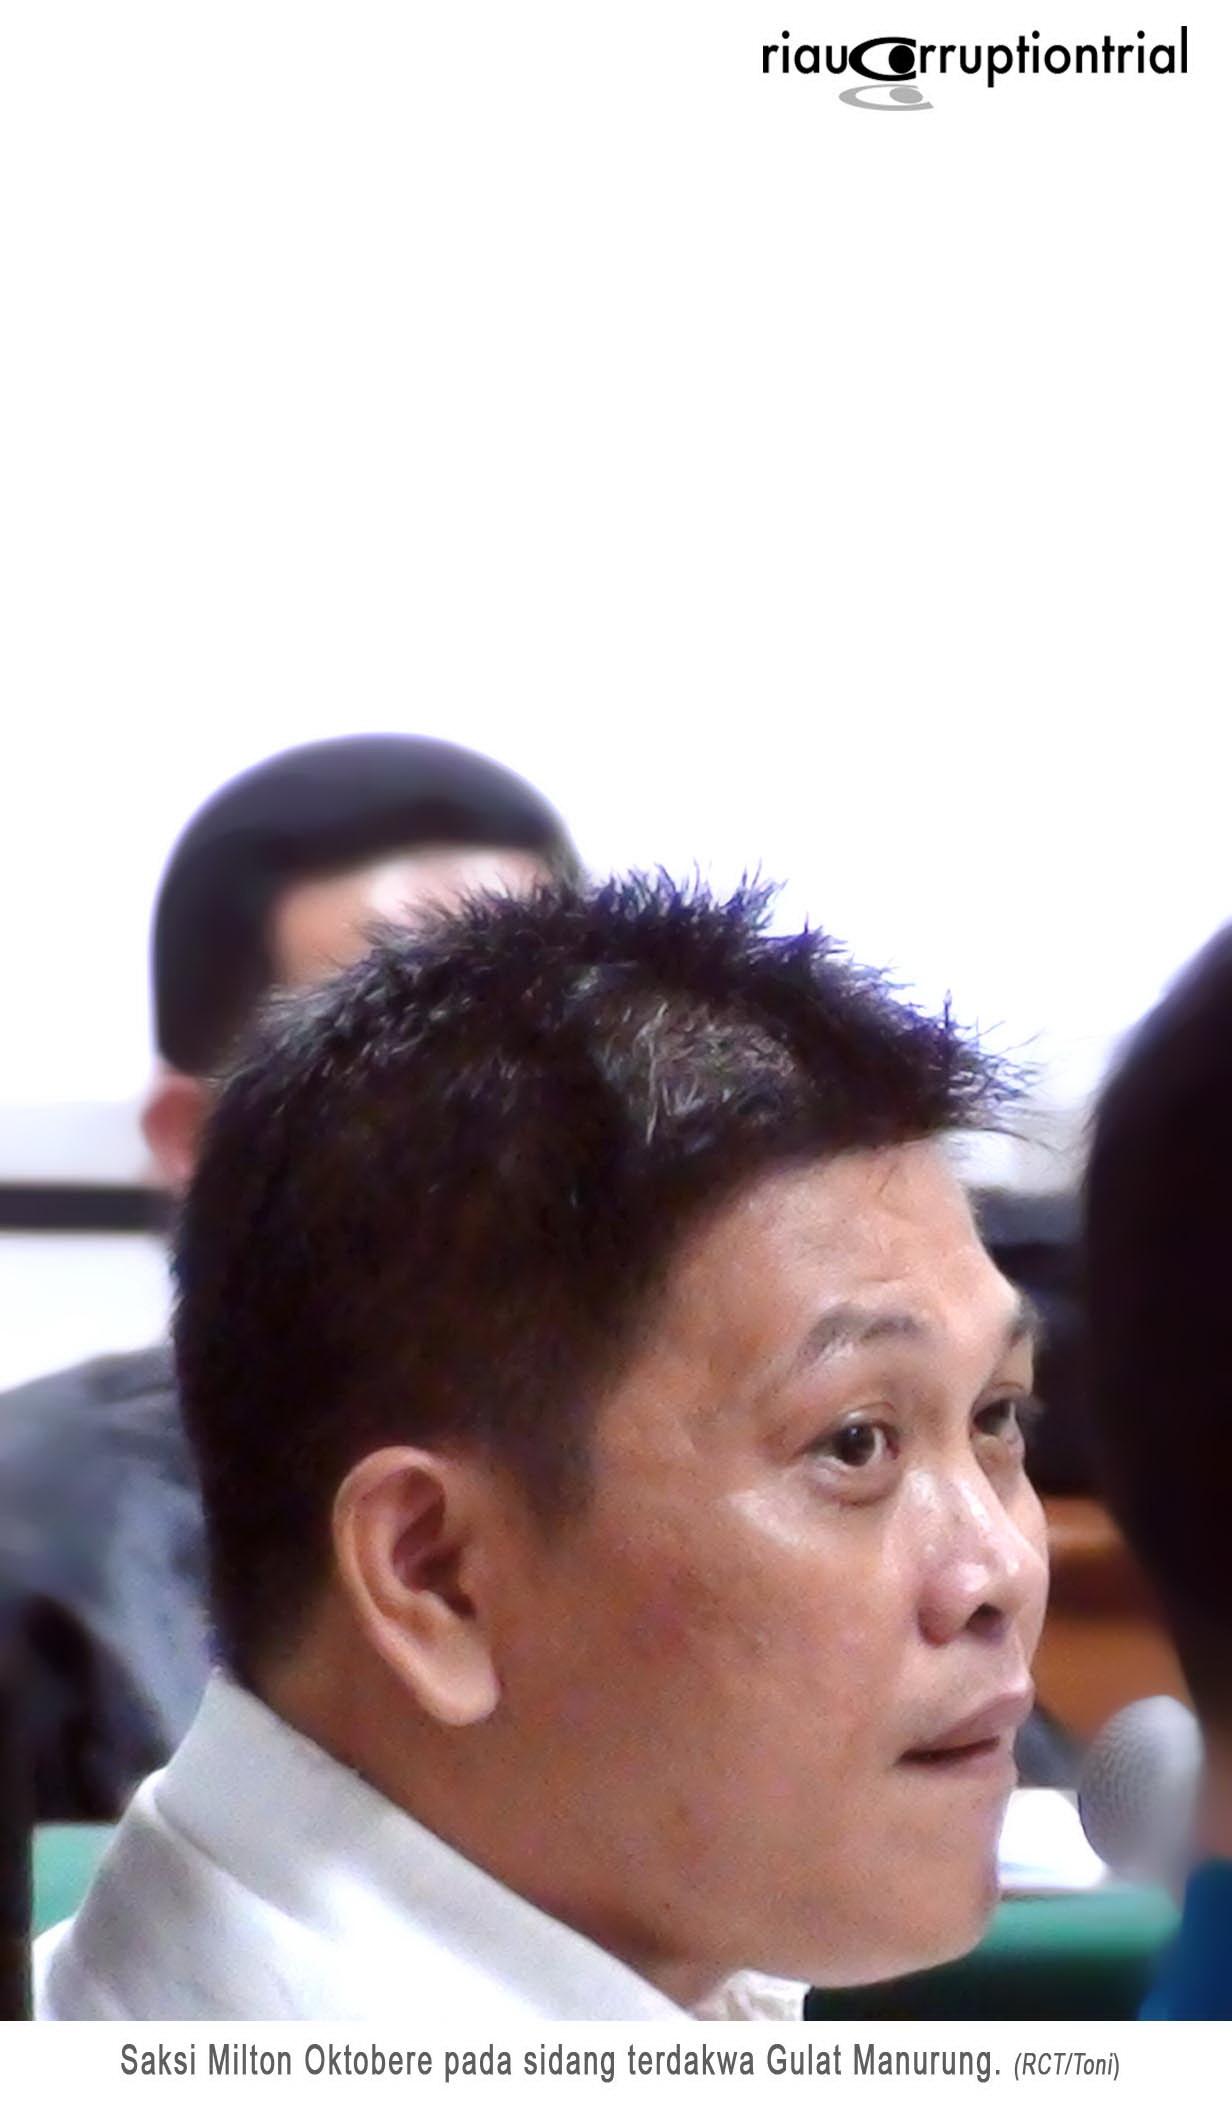 09 Saksi Milton Oktobere 22 Desember 2014